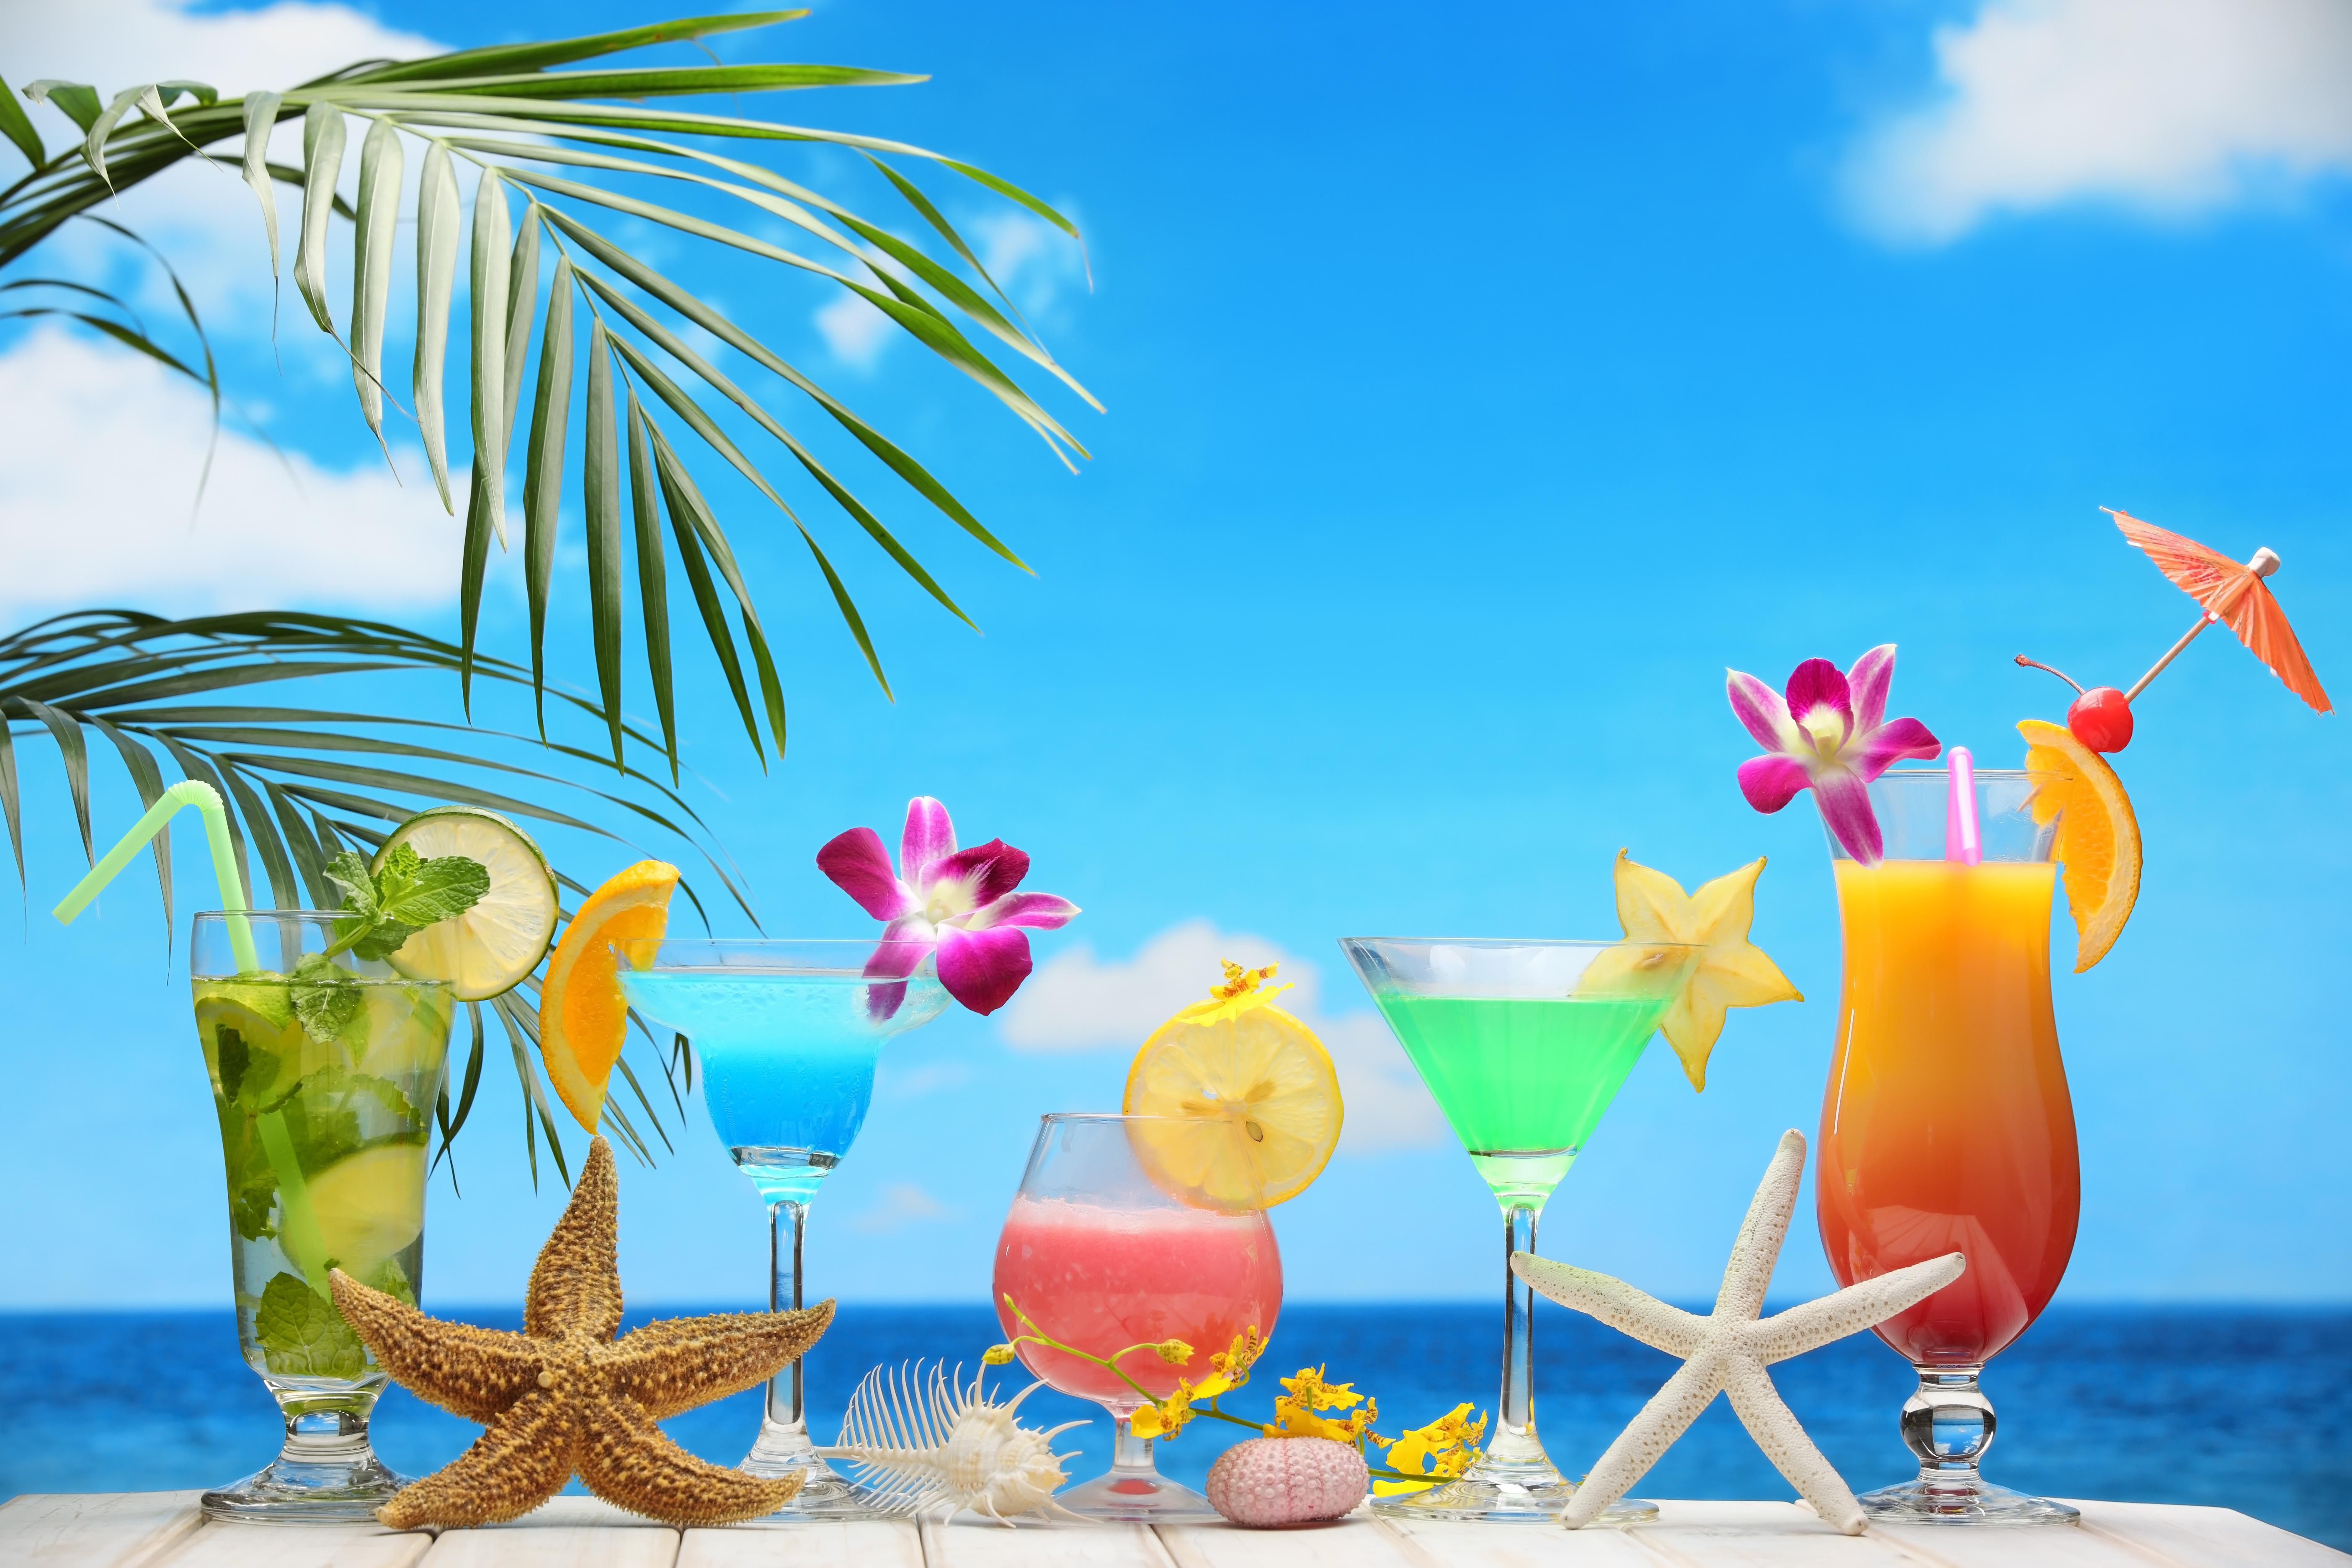 Открытки с морем и пляжем с днем рождения, ученики смешные картинки